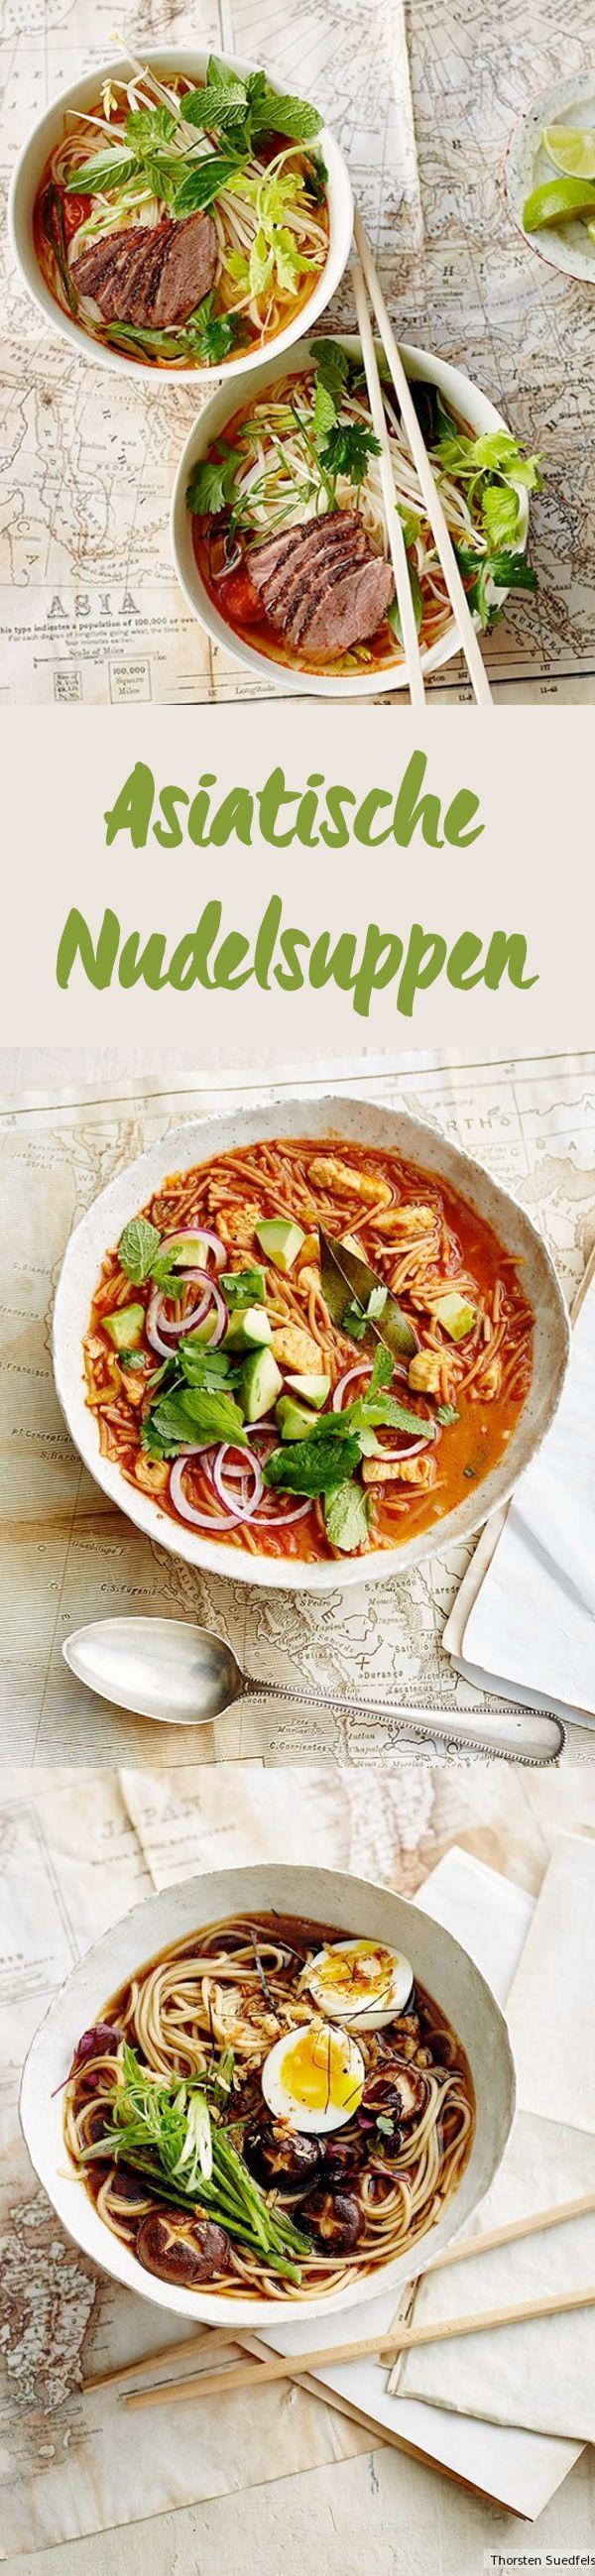 Ob Pho-Suppe mit Reisnudeln in süßlich-herbem Rinderfond oder Ramen mit Shiitake – Hier finden Sie köstliche Rezepte rund um das Thema Nudelsuppe.